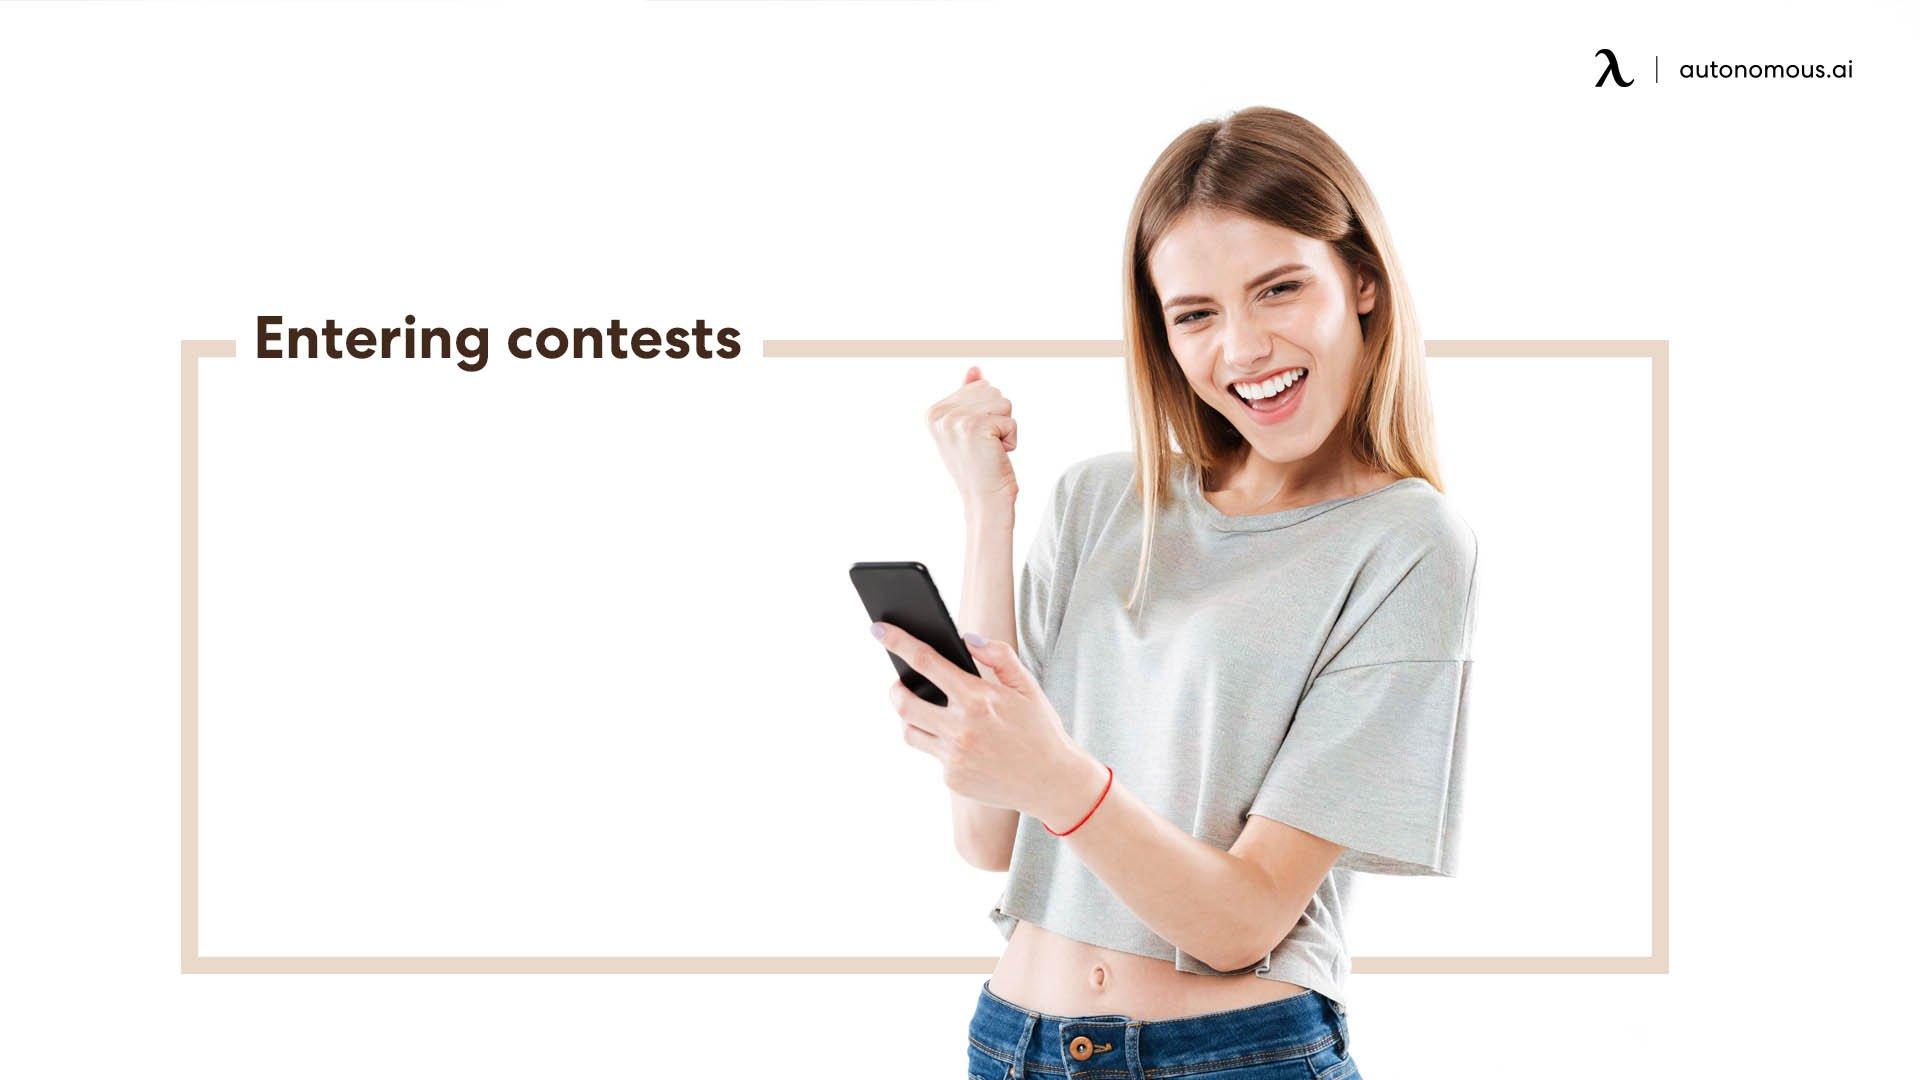 Entering contests